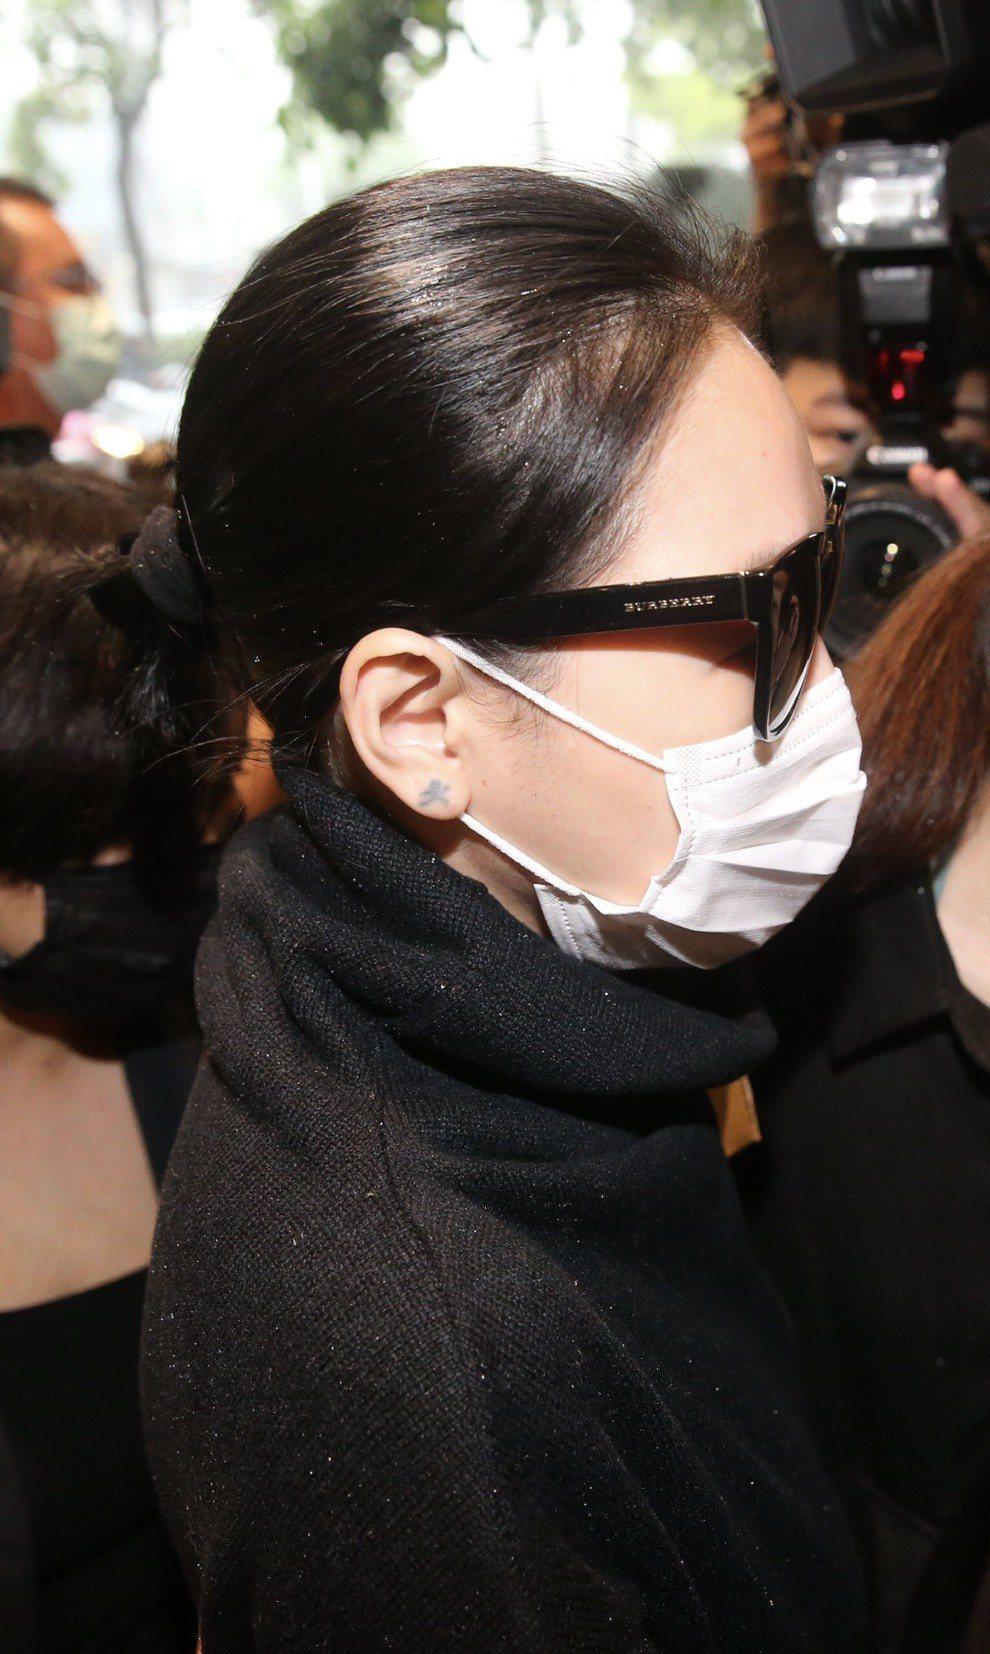 小S用墨鏡和口罩遮掩悲傷。記者林伯東/攝影